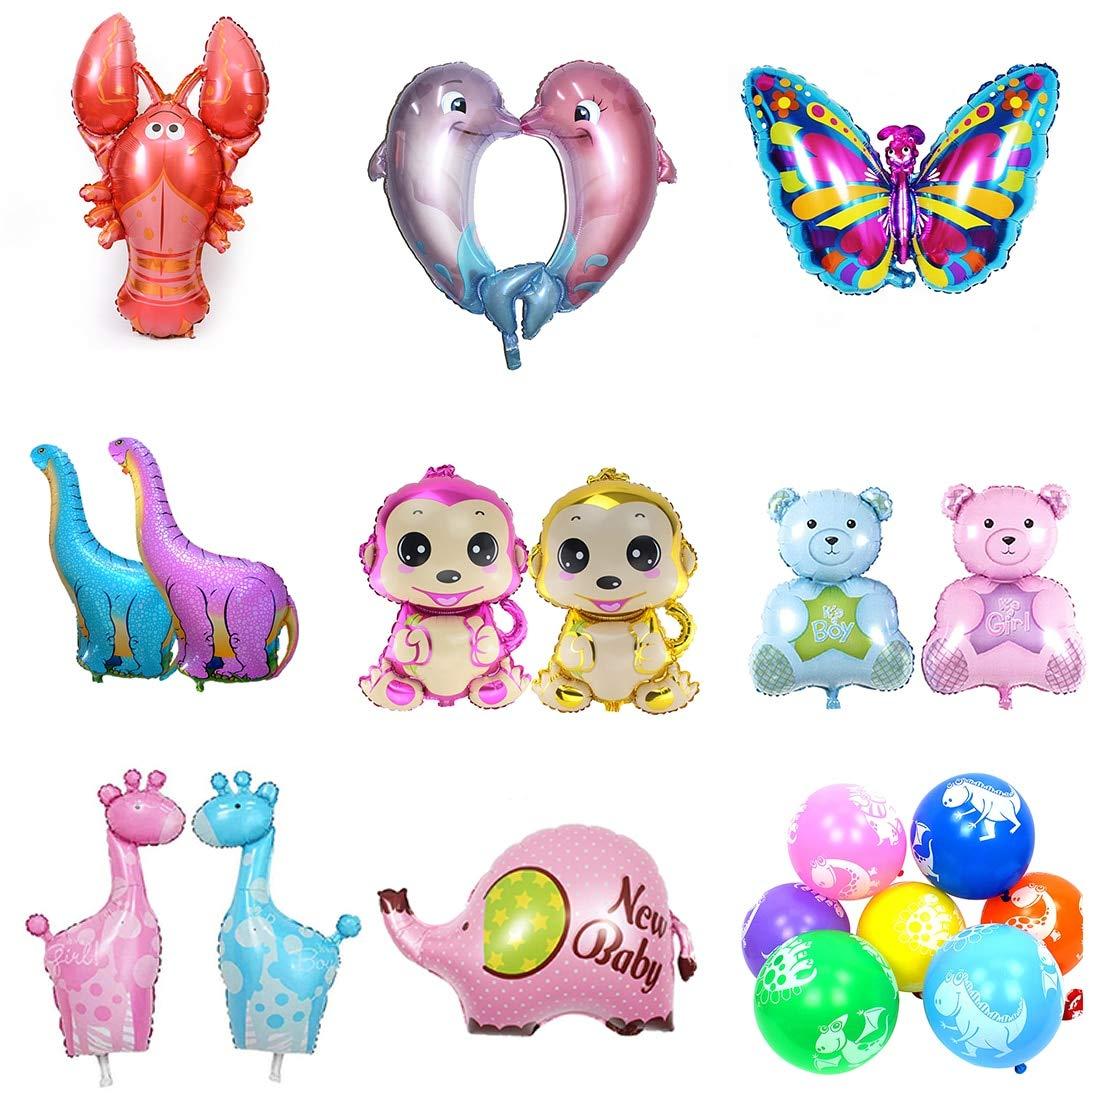 Luwu-Store 9 Arten Kinder Spielzeug groß e Cartoon Tier Folienballons Schmetterling AFFE Wal Hummer Bä r Ballons fü r Kinder Geburtstag Party Decor